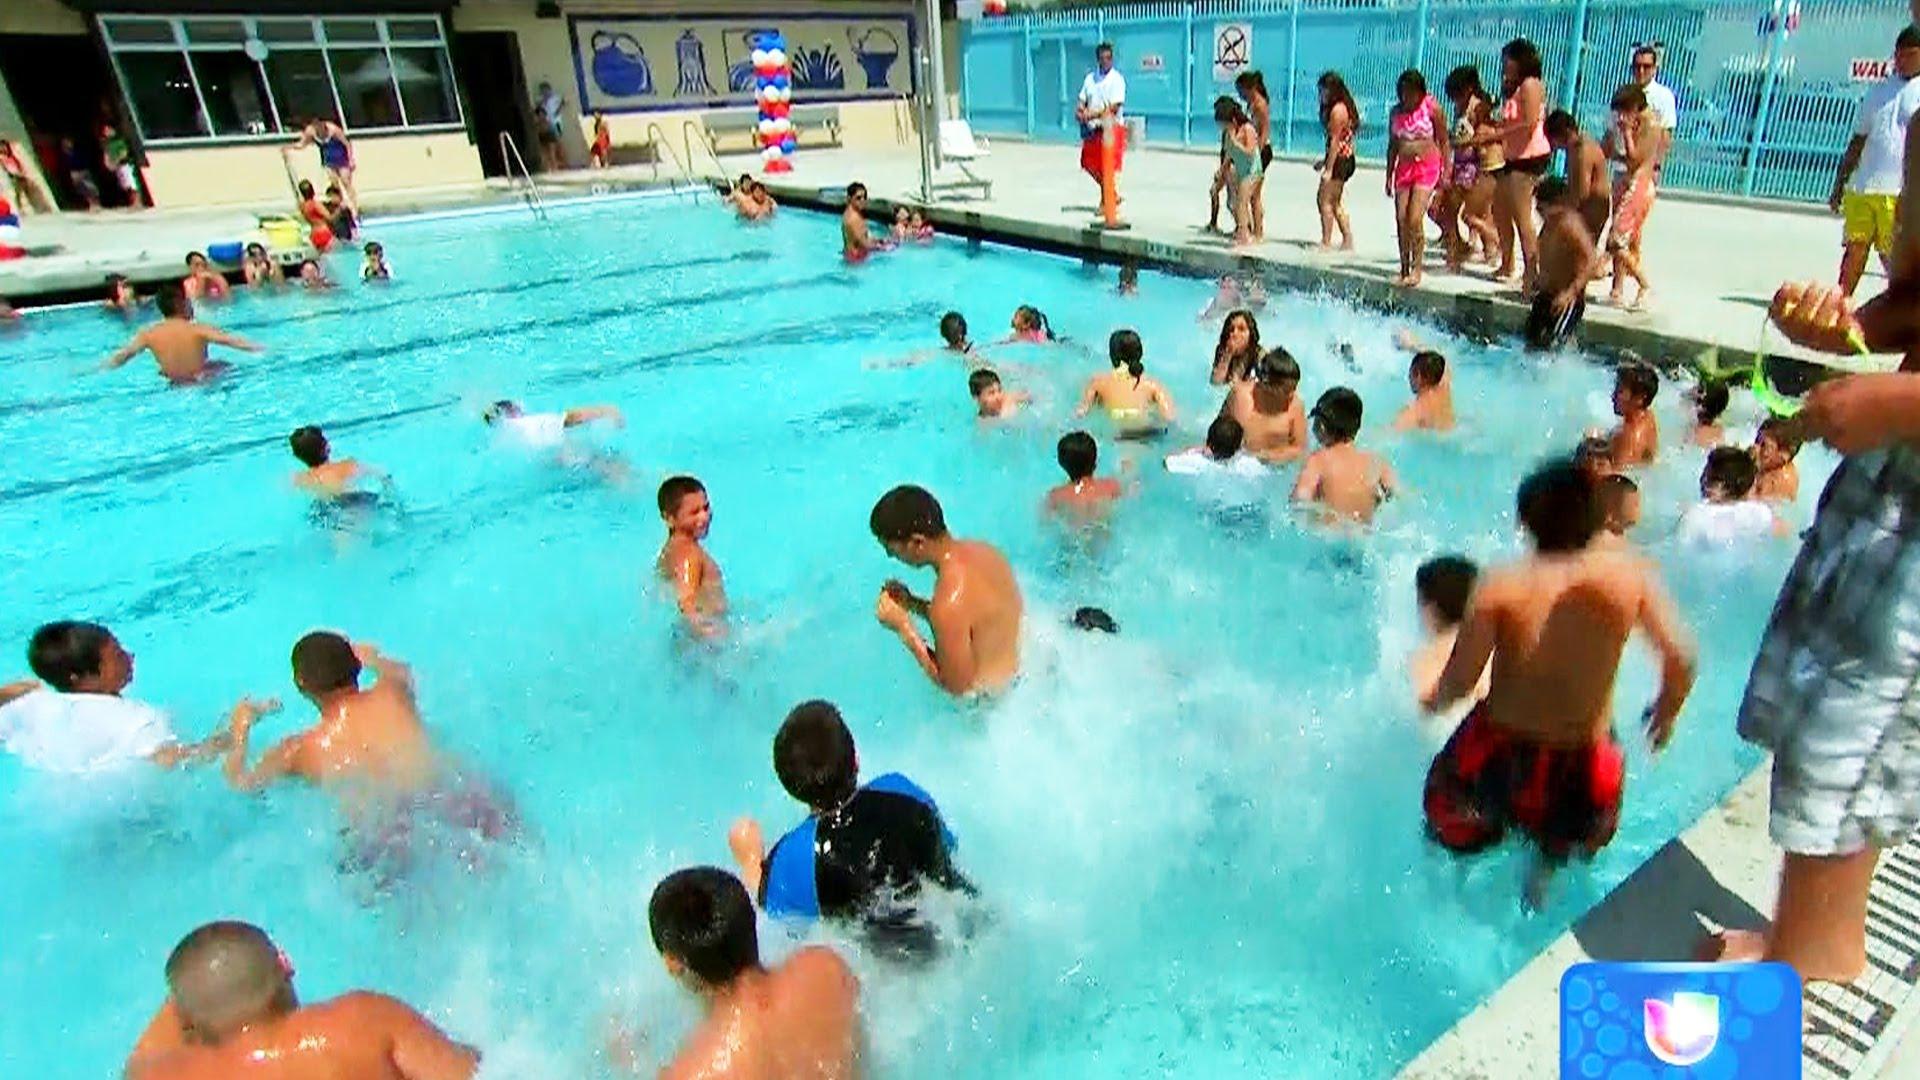 Revelan la cantidad de orina en piscinas y jacuzzis vistazo - Piscinas y jacuzzis ...